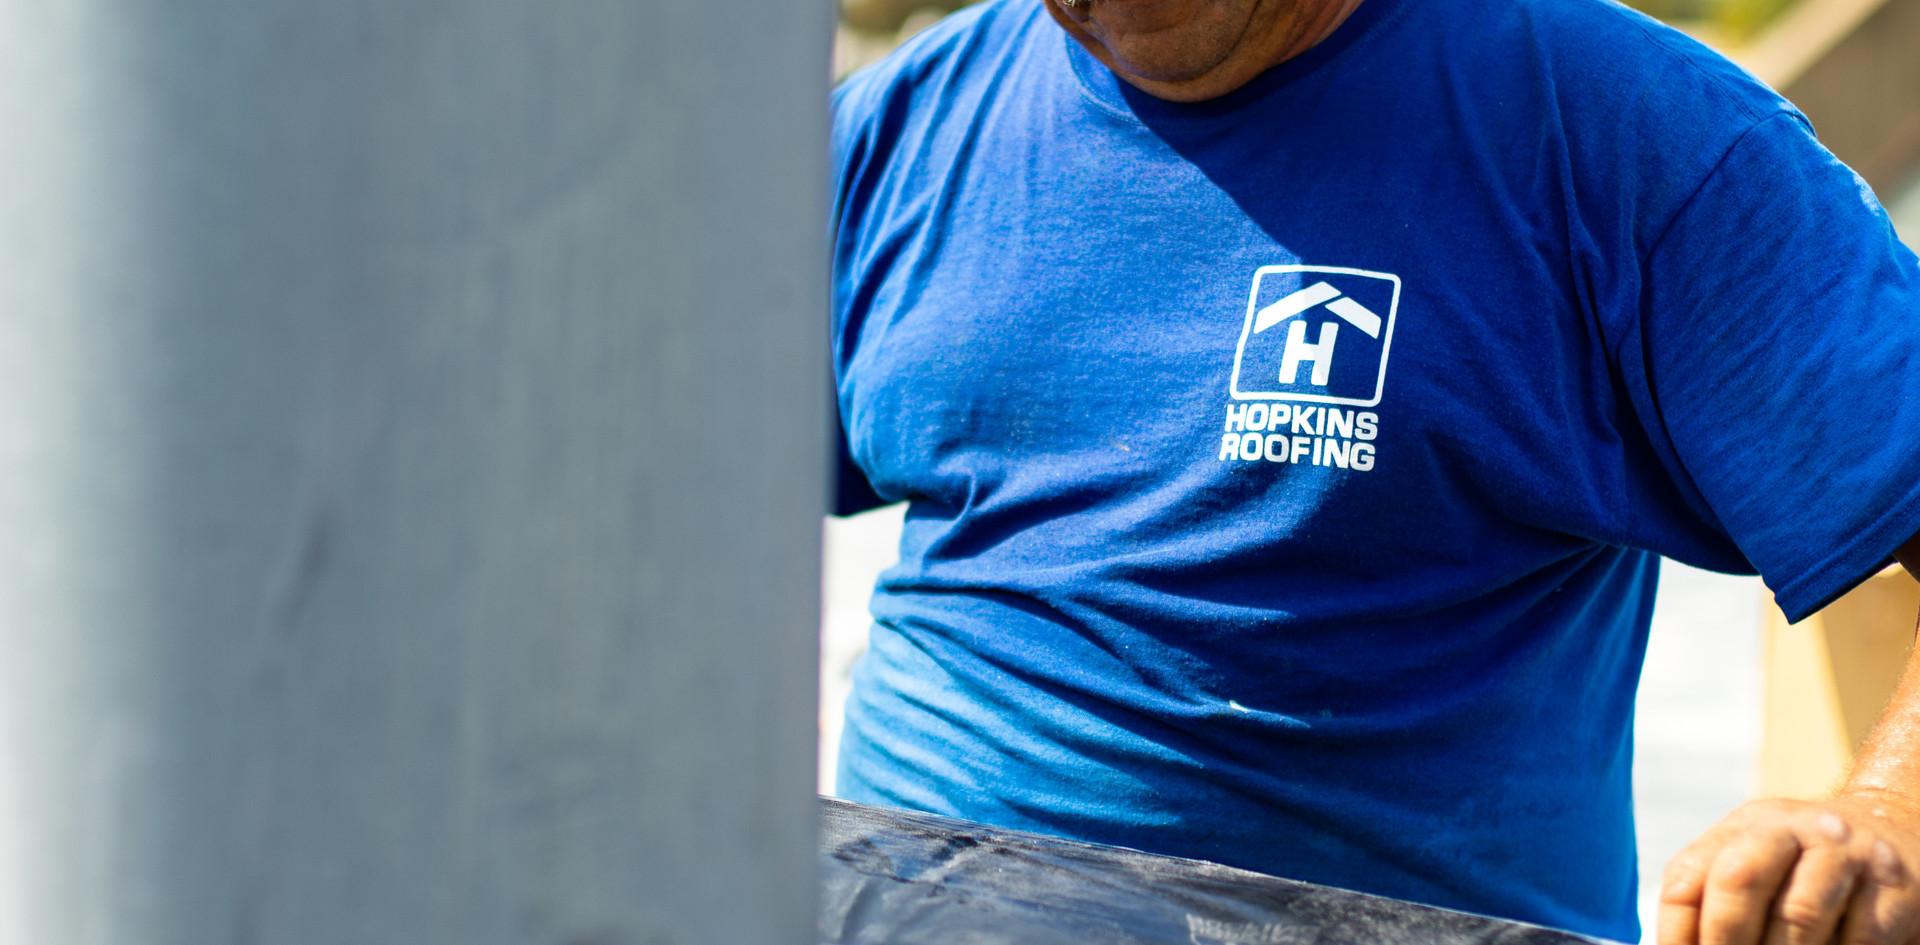 Luis-Hopkins-Roofing-Crews